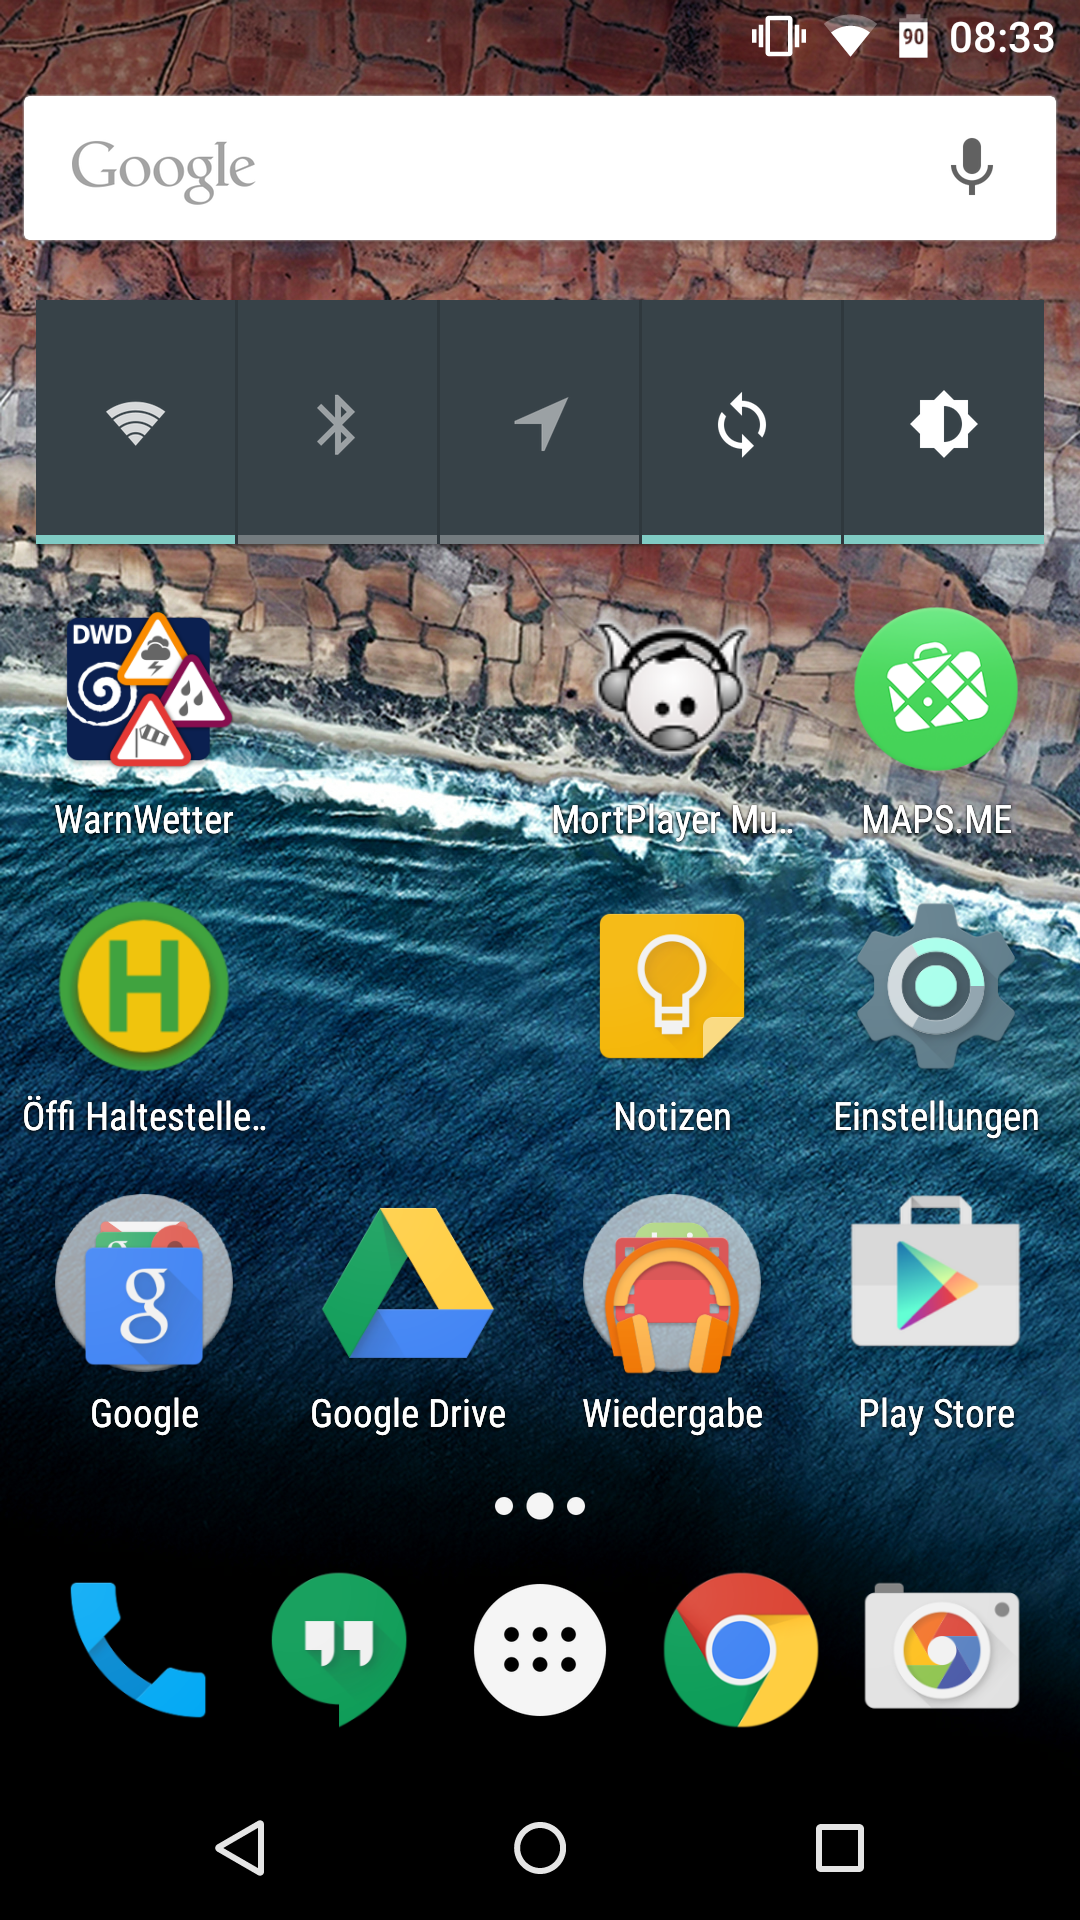 Android 6.0: Doch kein Marshmallow für erstes Nexus 7 - Startbildschirm von Android M mit aktivierter Akku-Prozent-Anzeige (Screenshot: Golem.de)